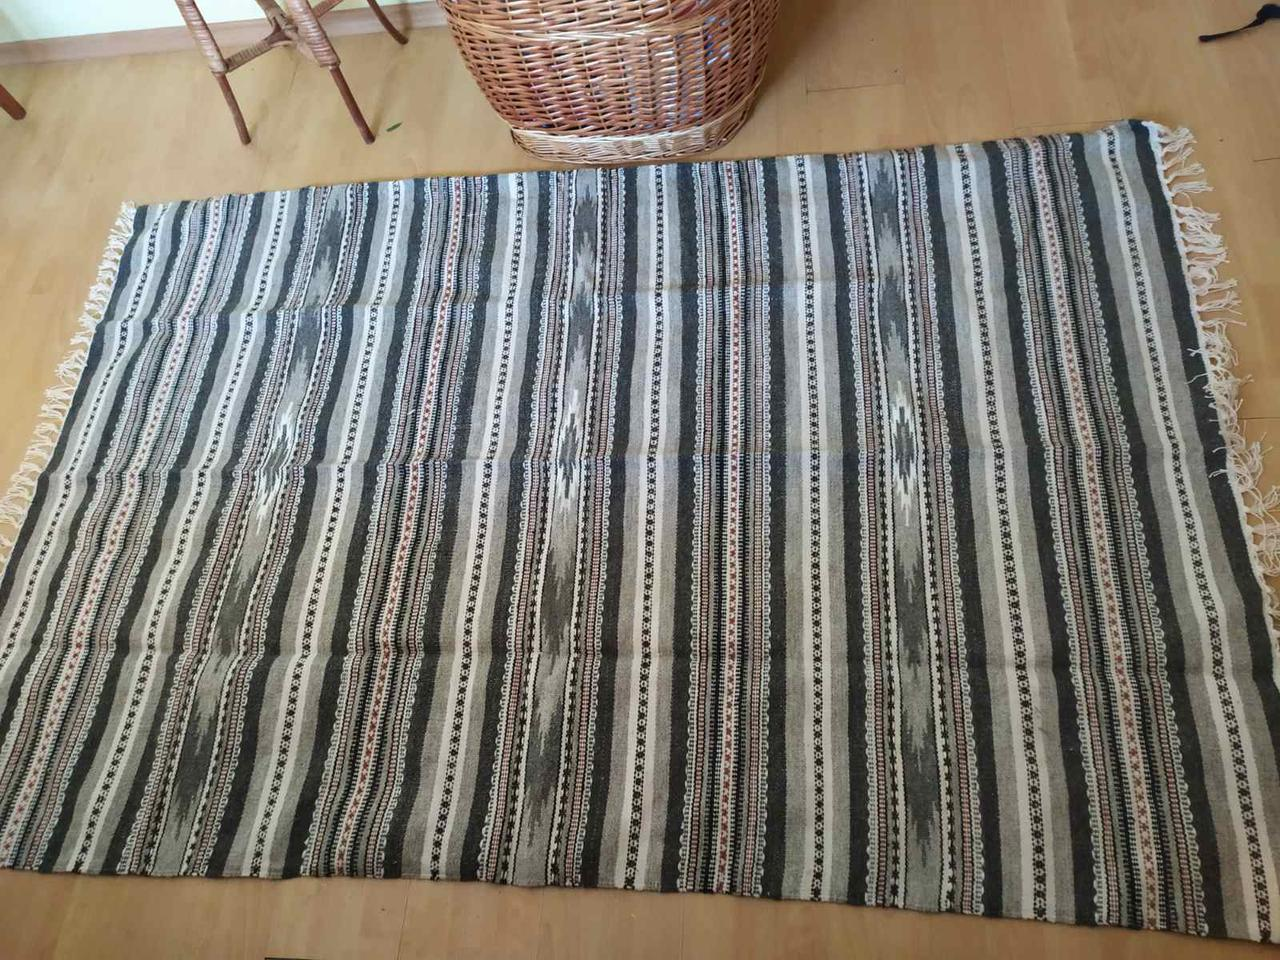 Шерстяний килимок-покривало із шерсті на  диван, ліжко,софу, підлогу ручної роботи